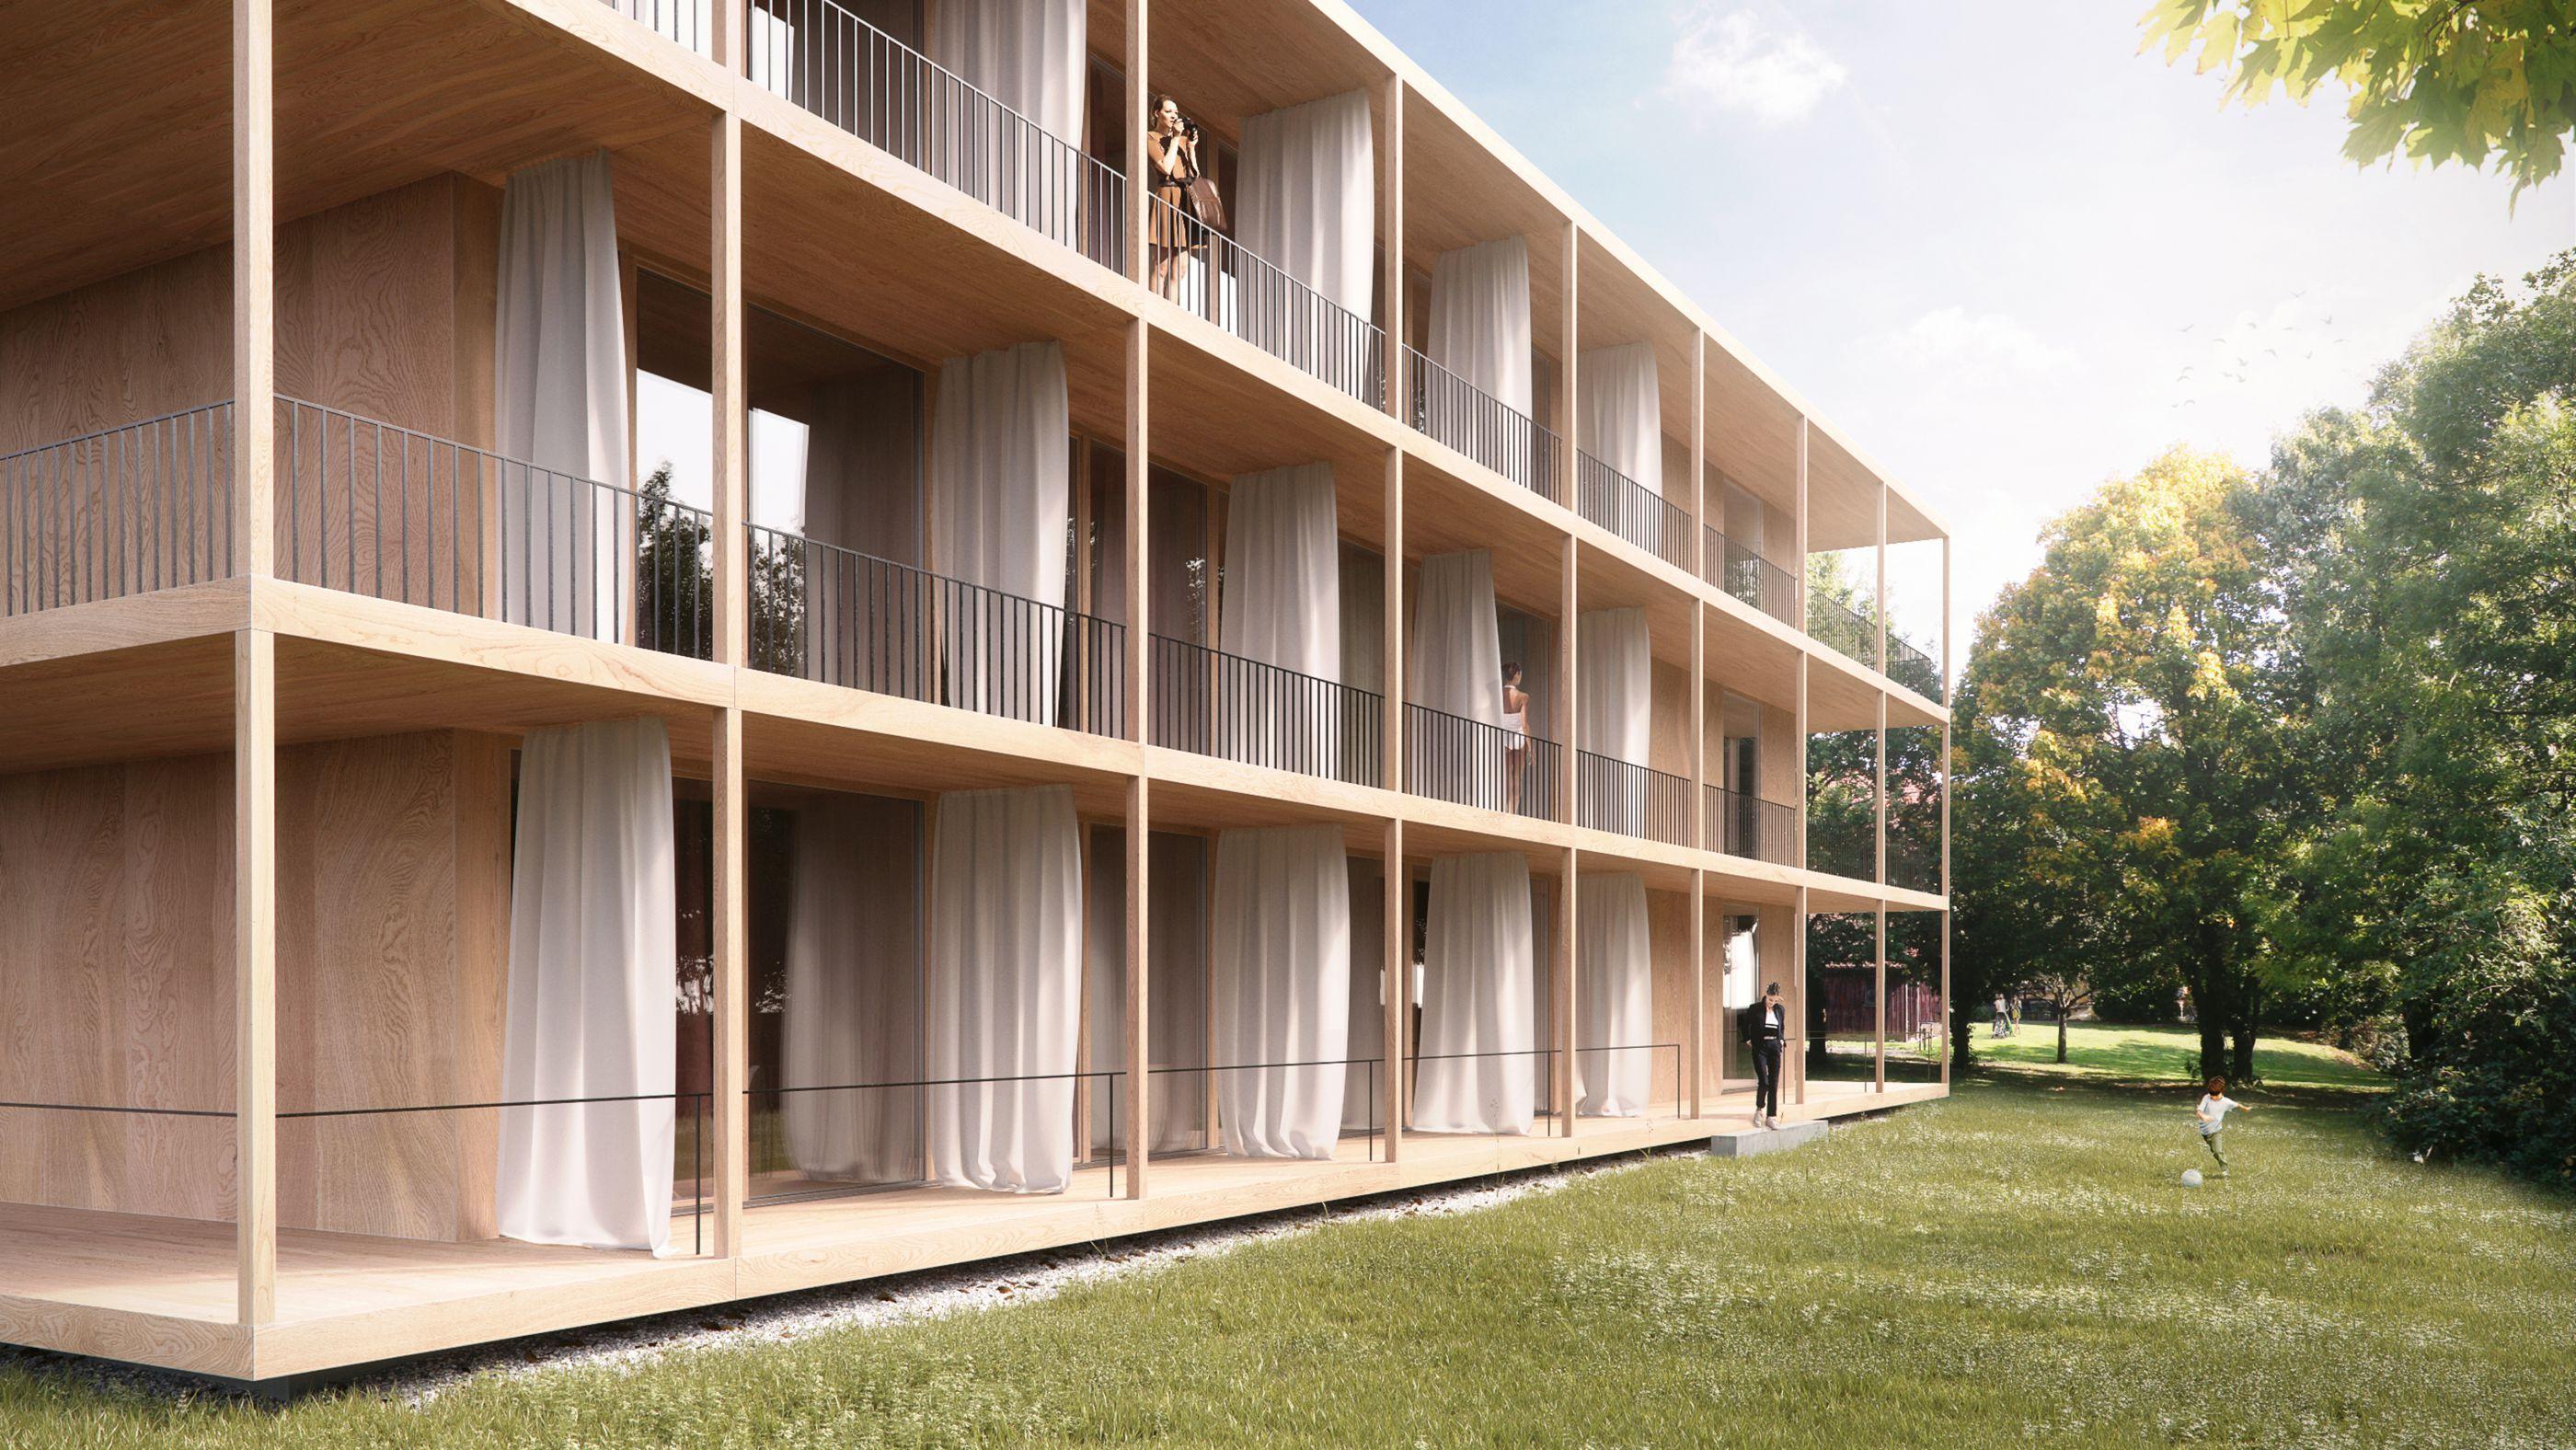 Architekten Konstanz hotel waldhaus jakob konstanz cukrowicz nachbaur architekten